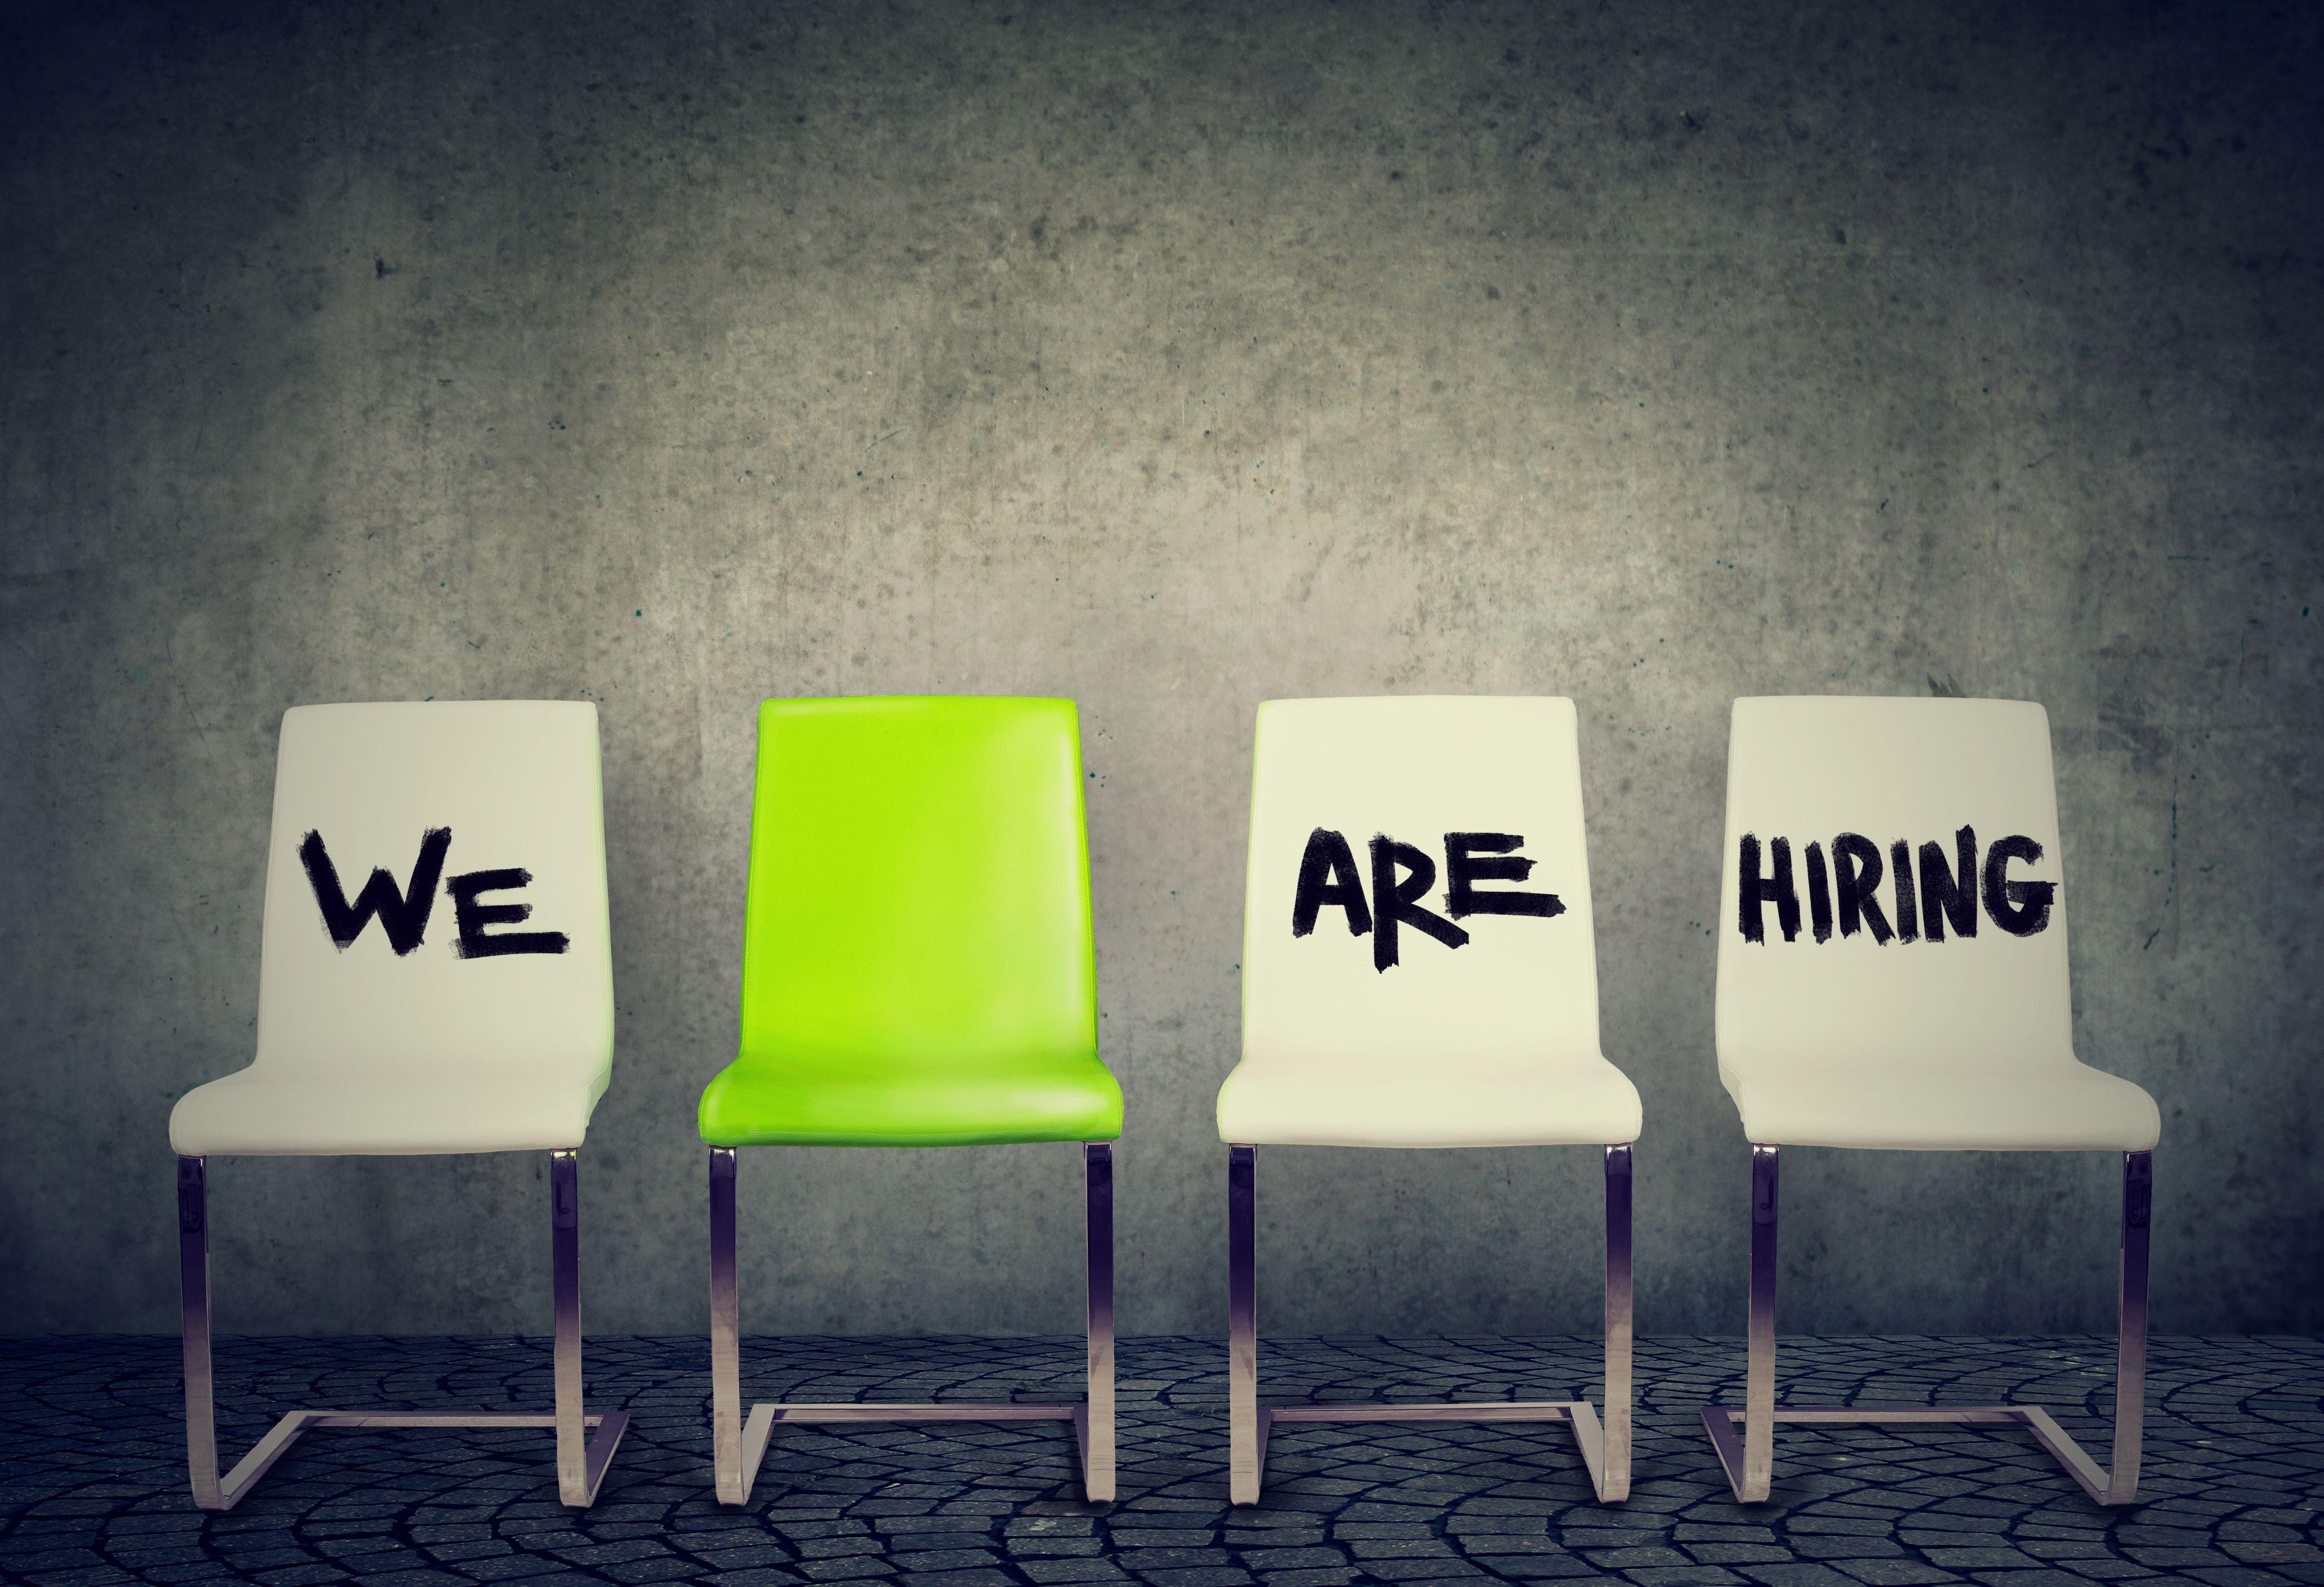 Z szacunków PwC wynika, że do 2025 r. na rynku pracy może brakować nawet 1,5 mln osób. (Fot. Shutterstock)